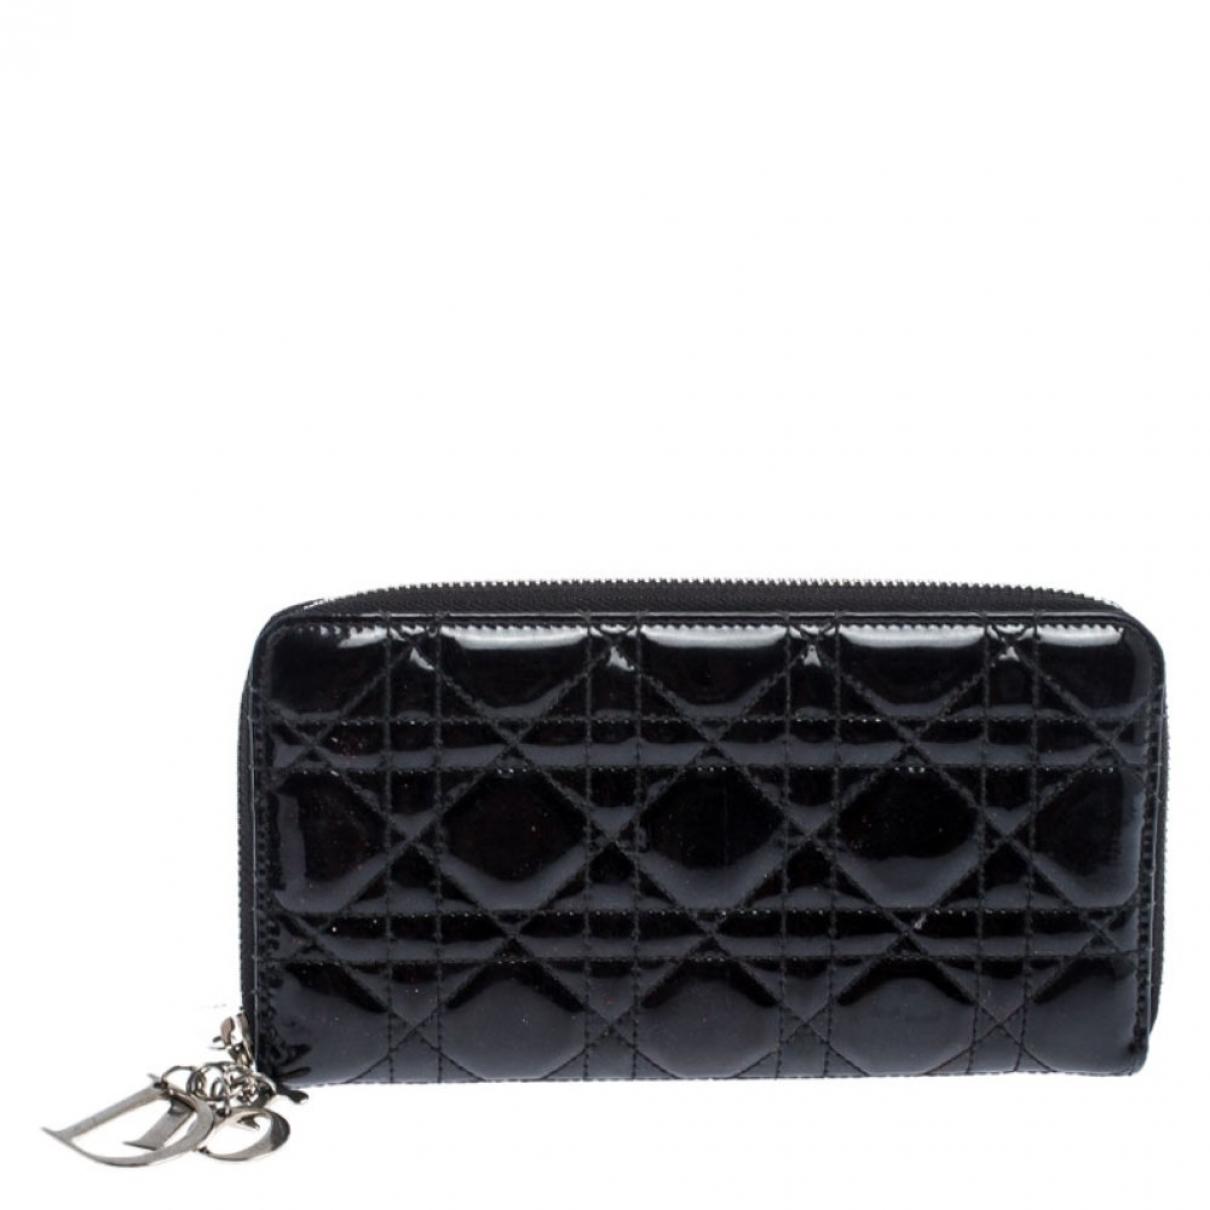 Dior Lady Dior Portemonnaie in  Schwarz Lackleder